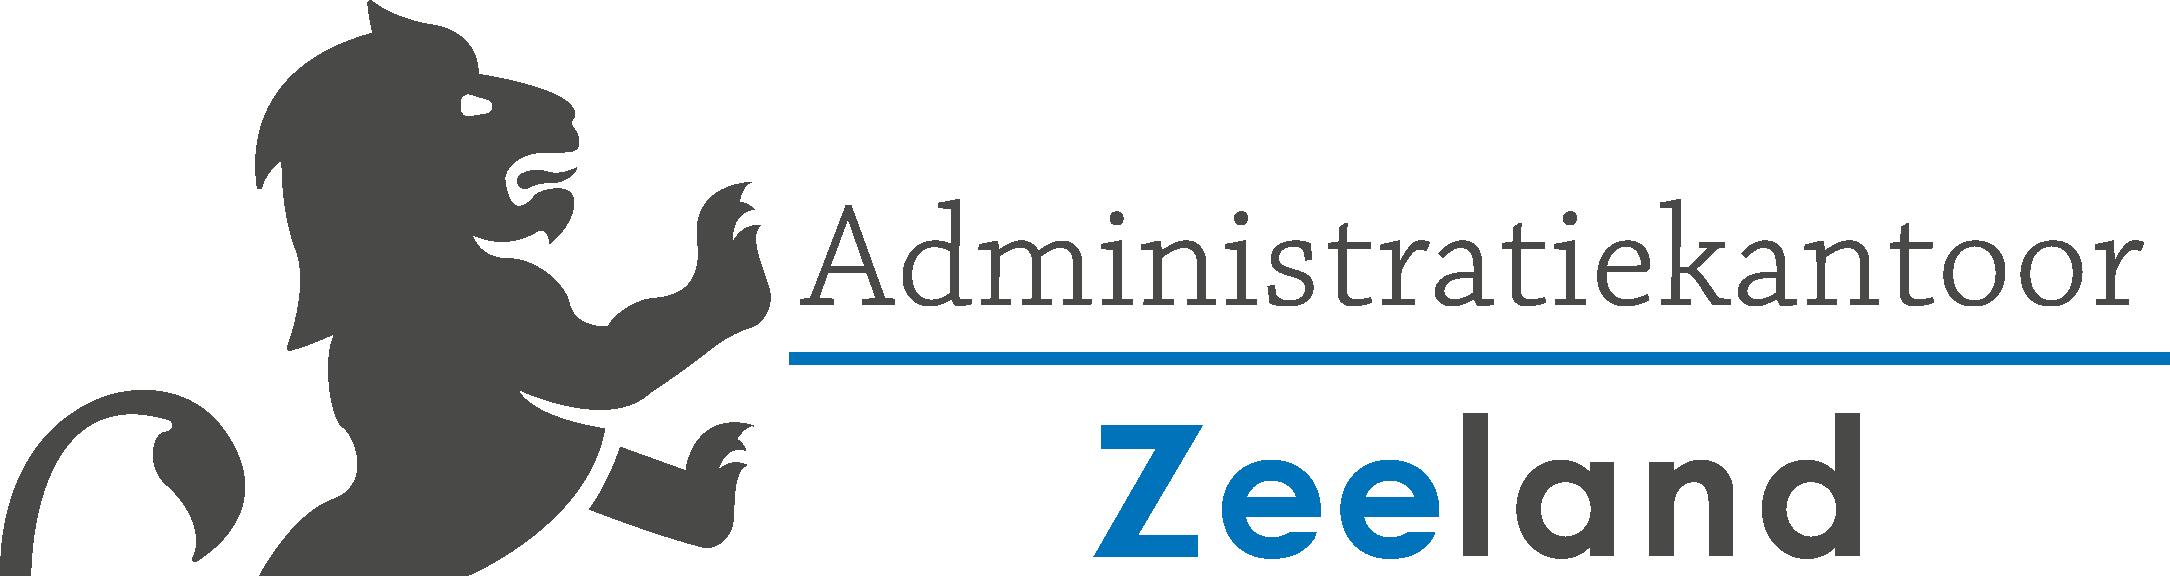 Administratiekantoor Zeeland